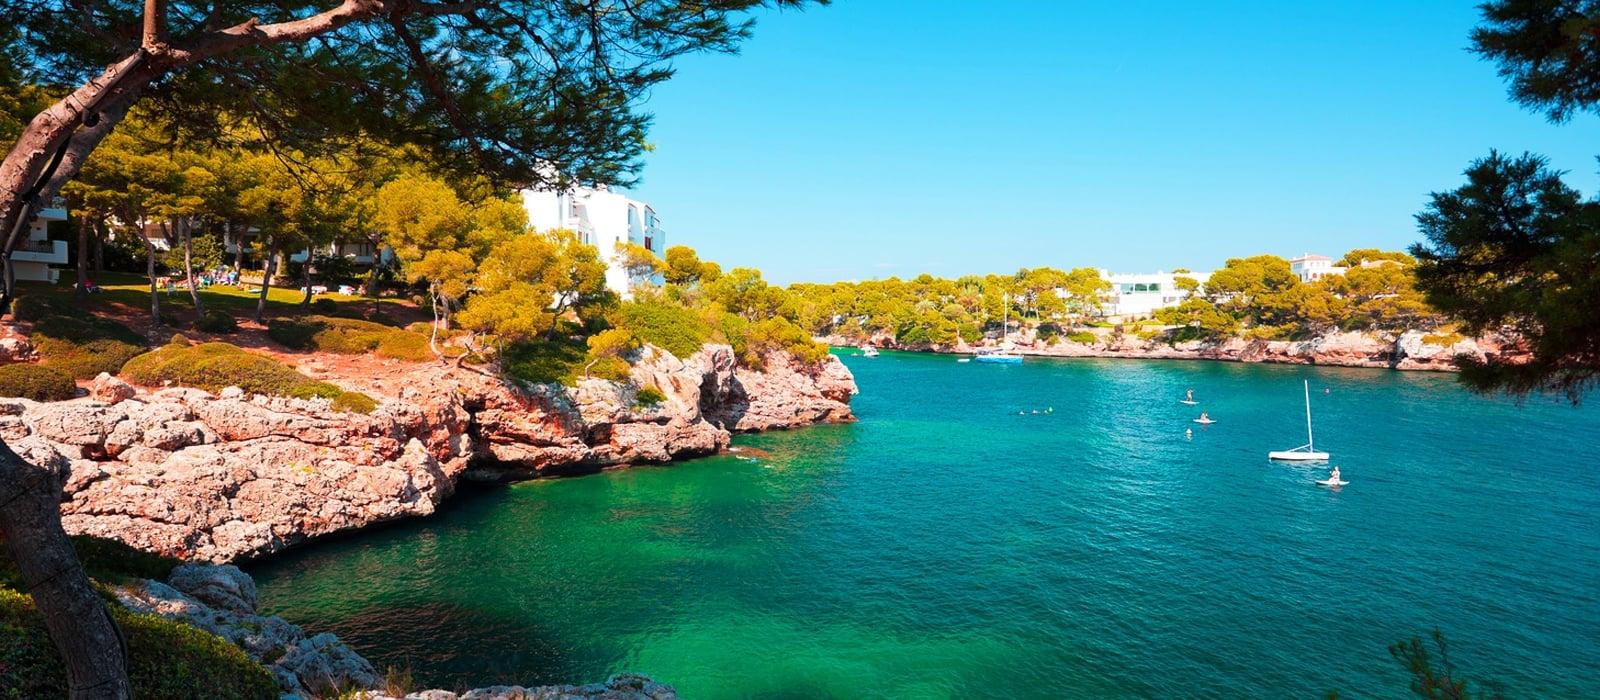 Mallorca - Vincci Hoteles